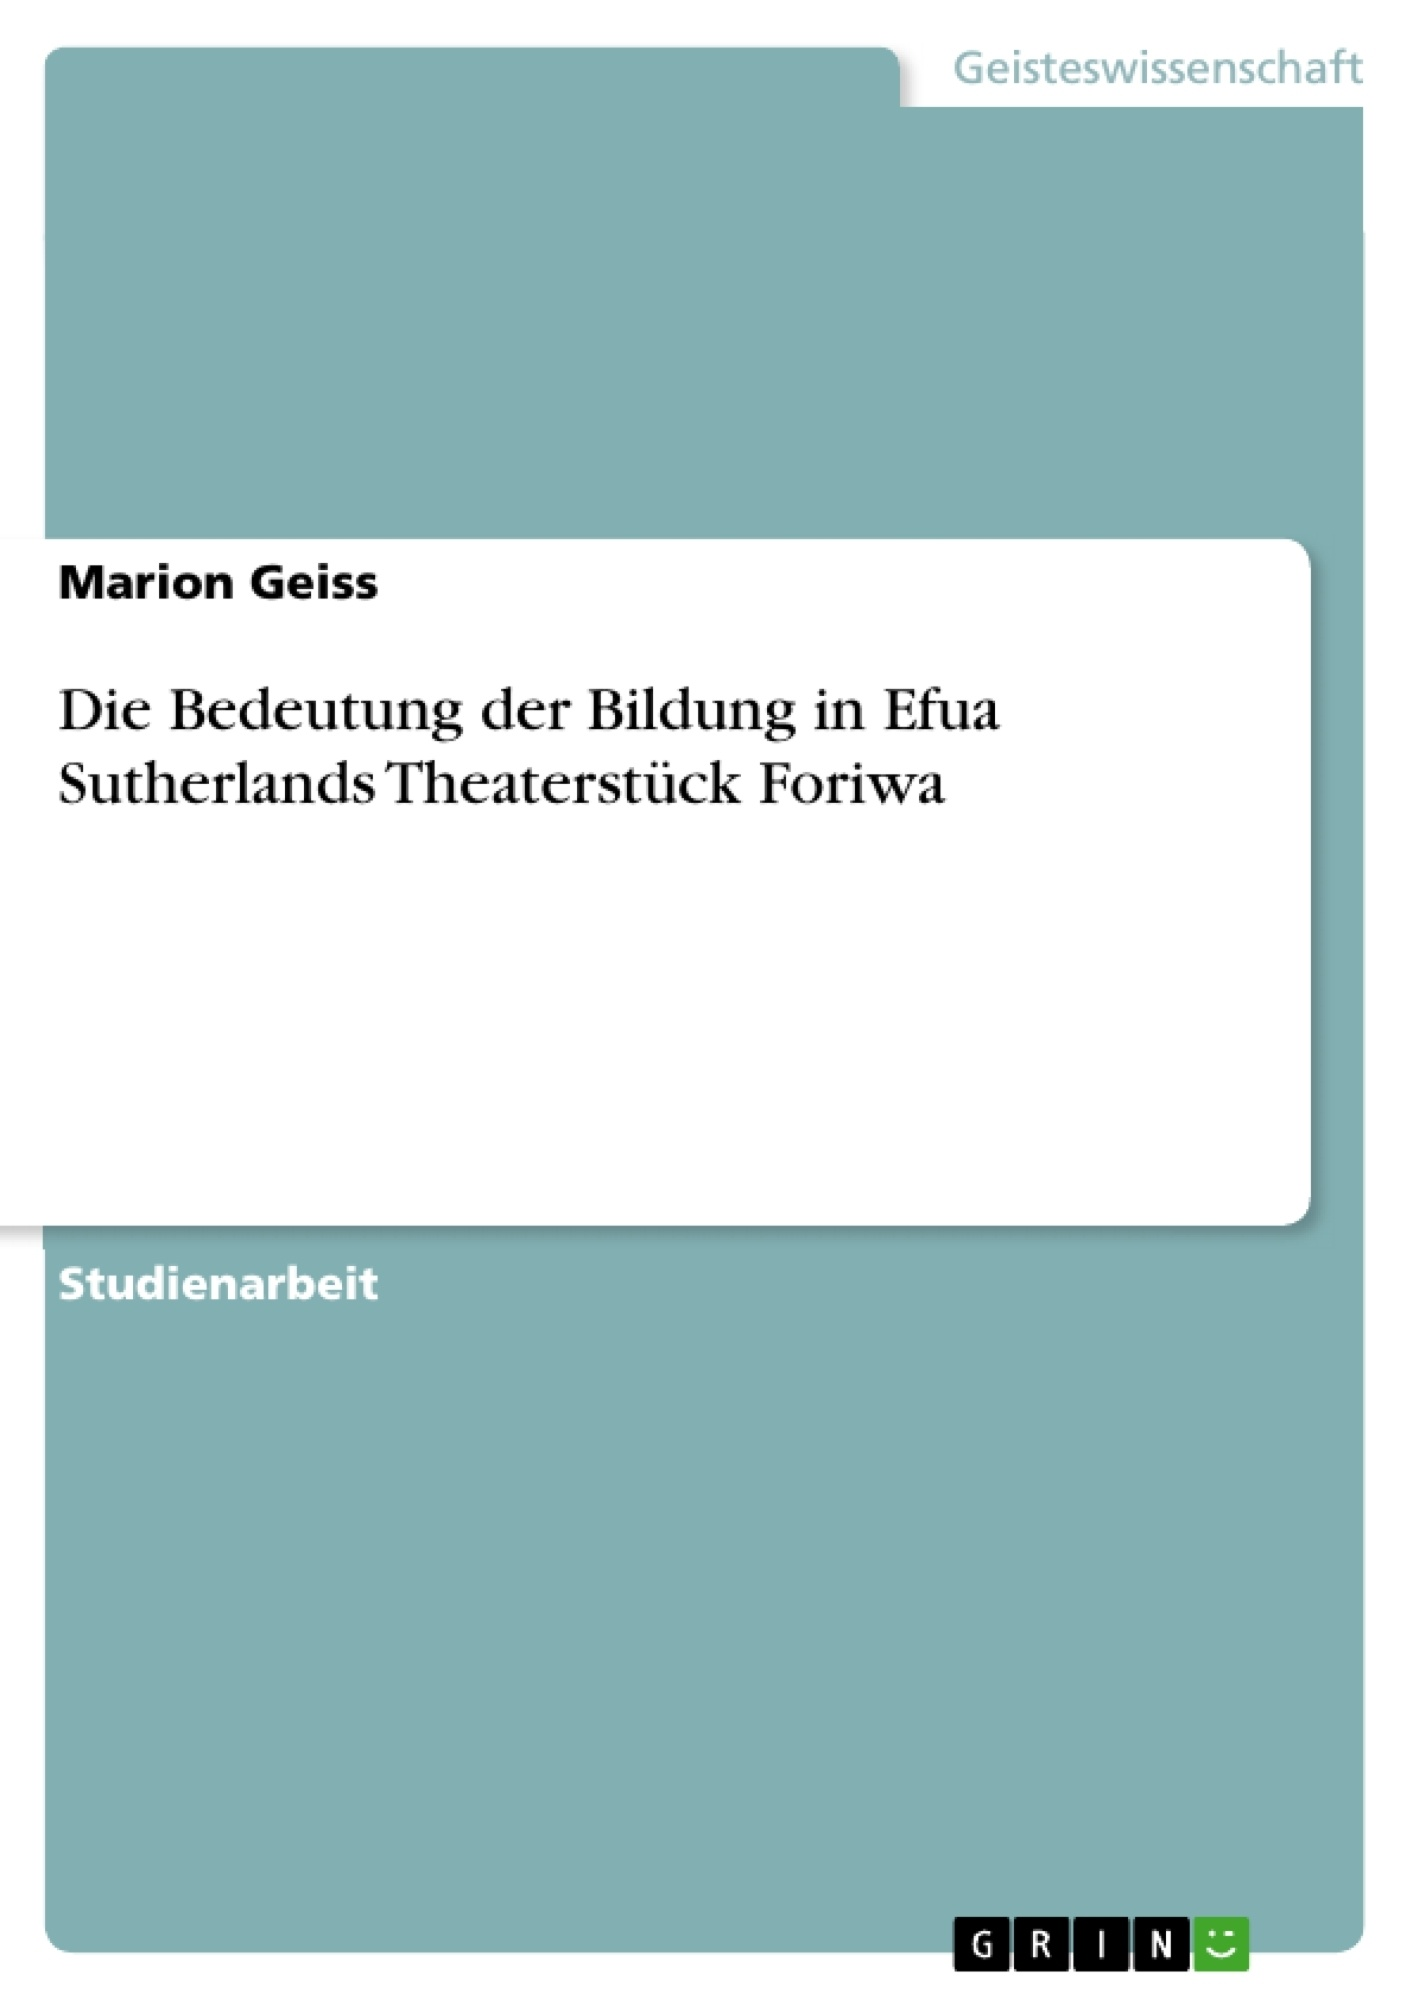 Titel: Die Bedeutung der Bildung in Efua Sutherlands Theaterstück Foriwa